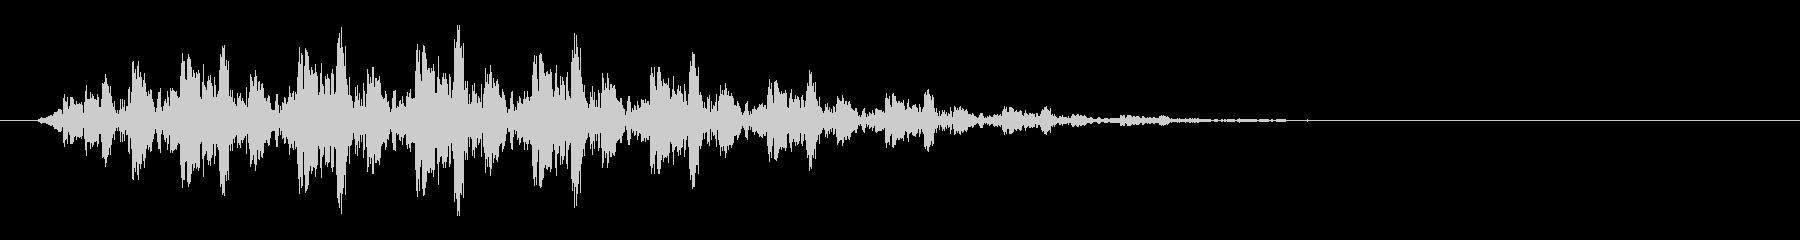 ビヨヨン(短いバネ)の未再生の波形